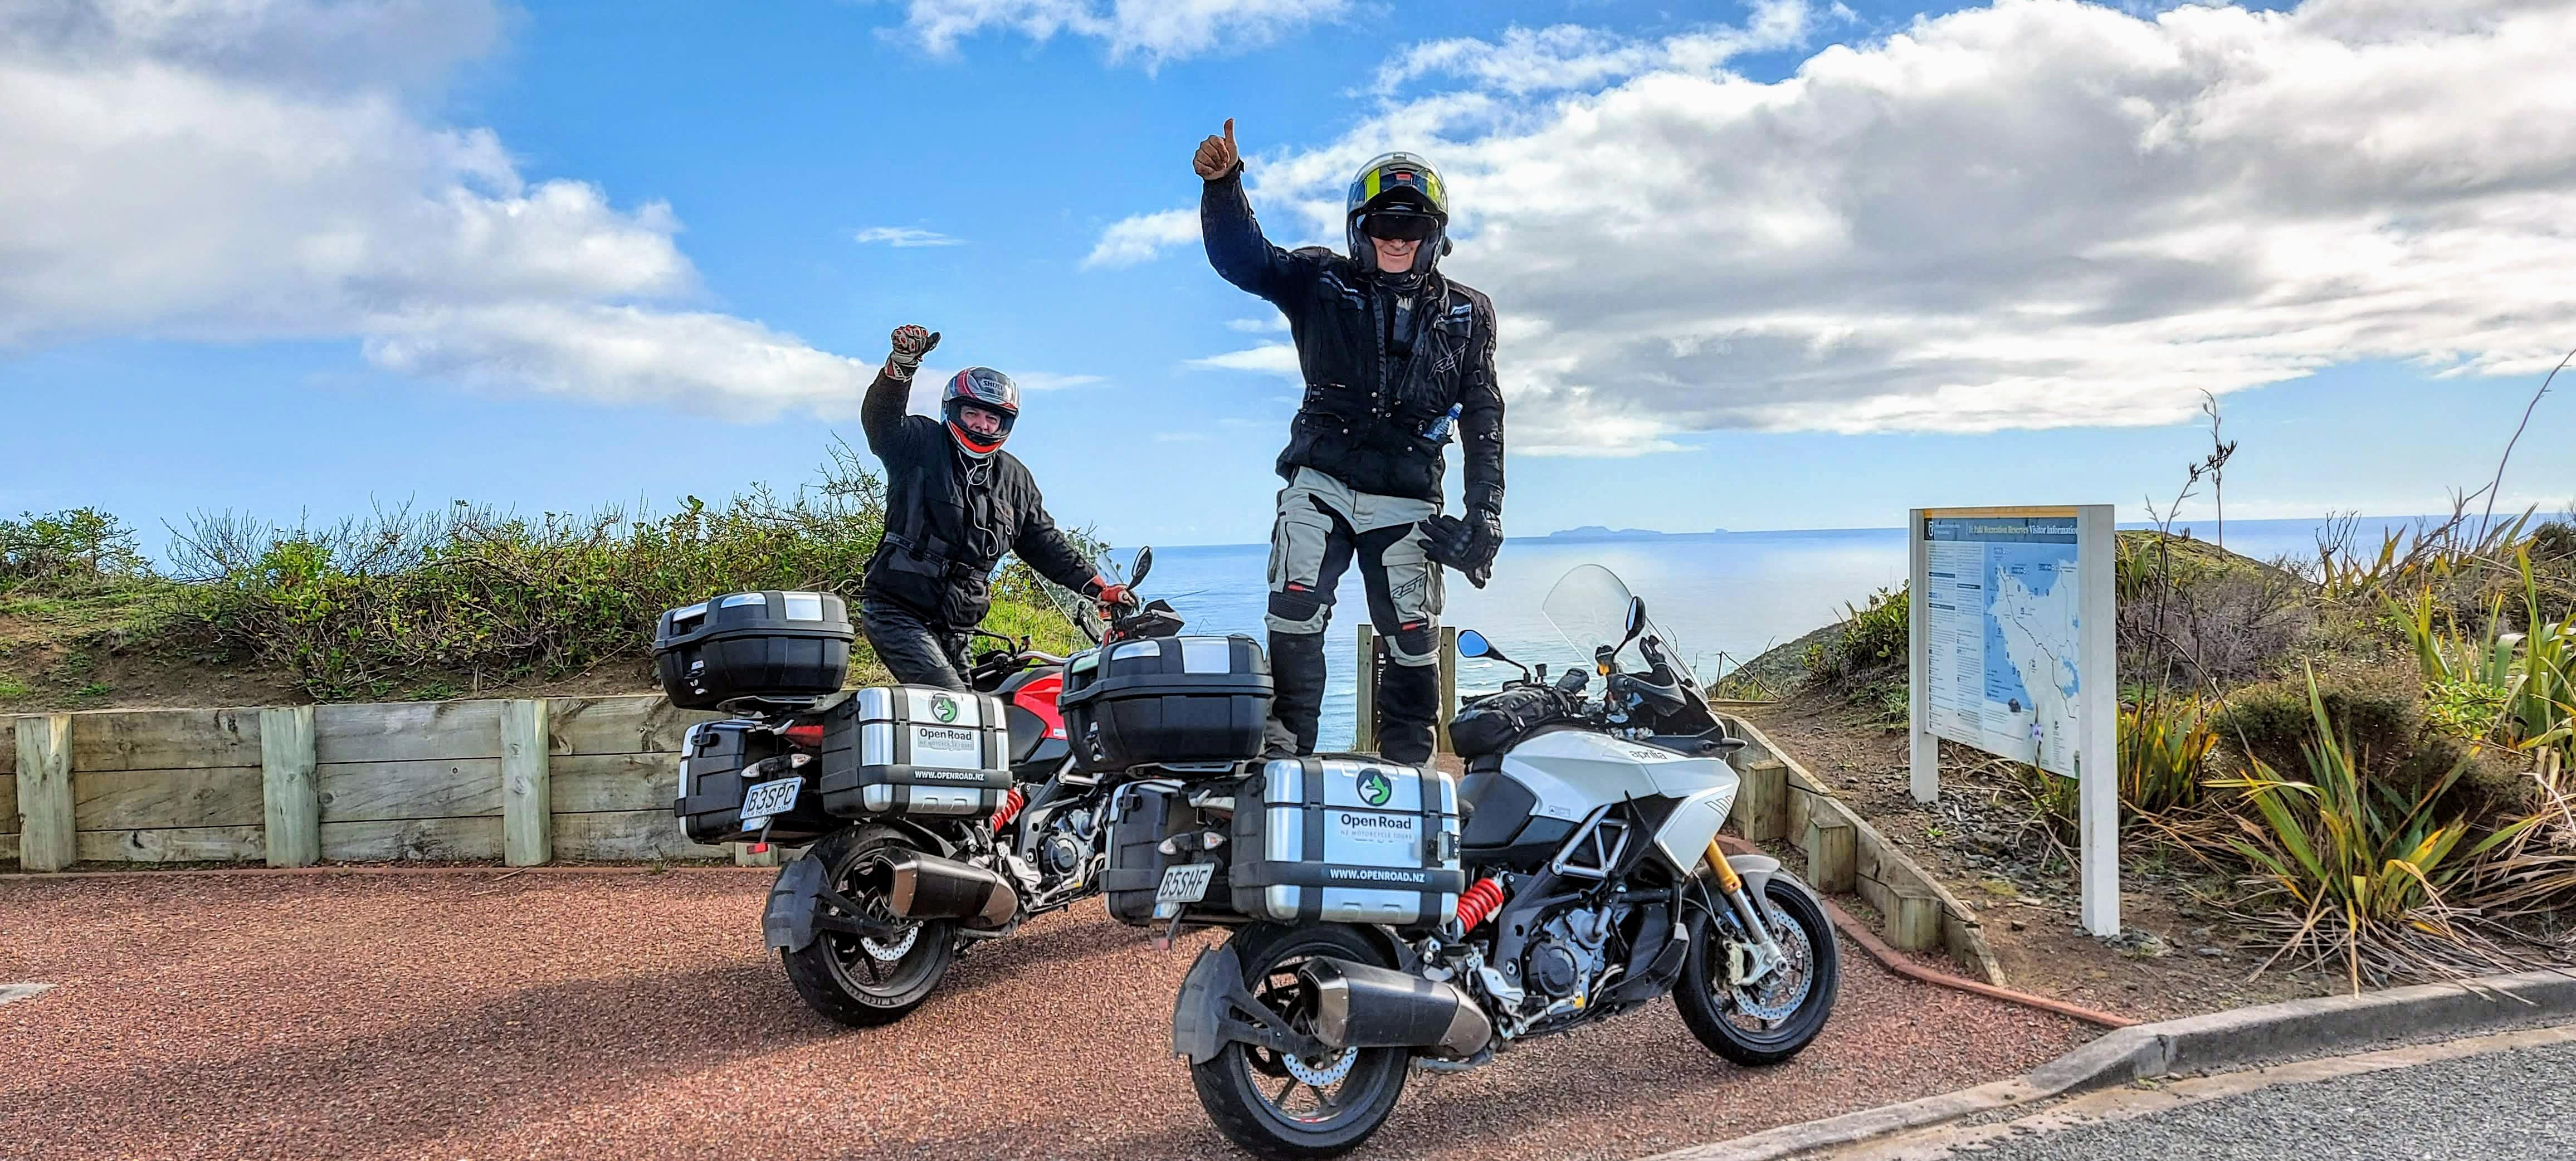 Motorcycle tour carousel image 11